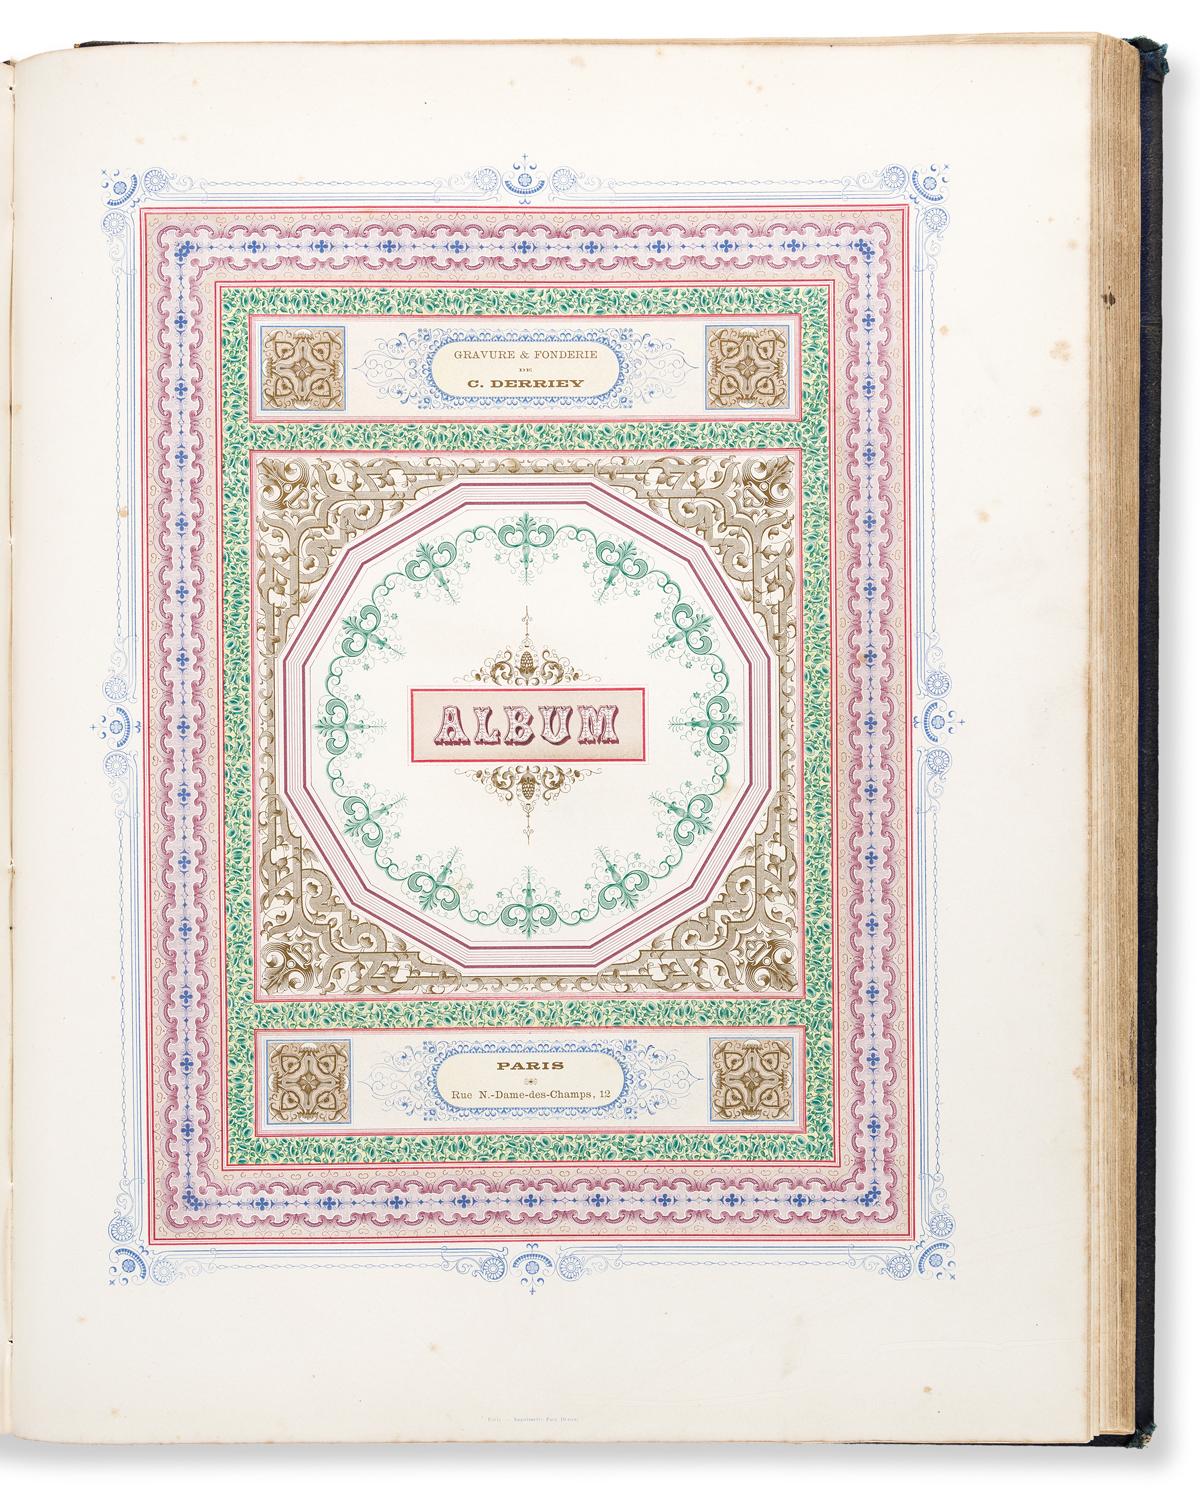 [SPECIMEN BOOK — C. DERRIEY]. Gravure et Fonderie de C. Derriey: Specimen-Album. Paris, 1862.